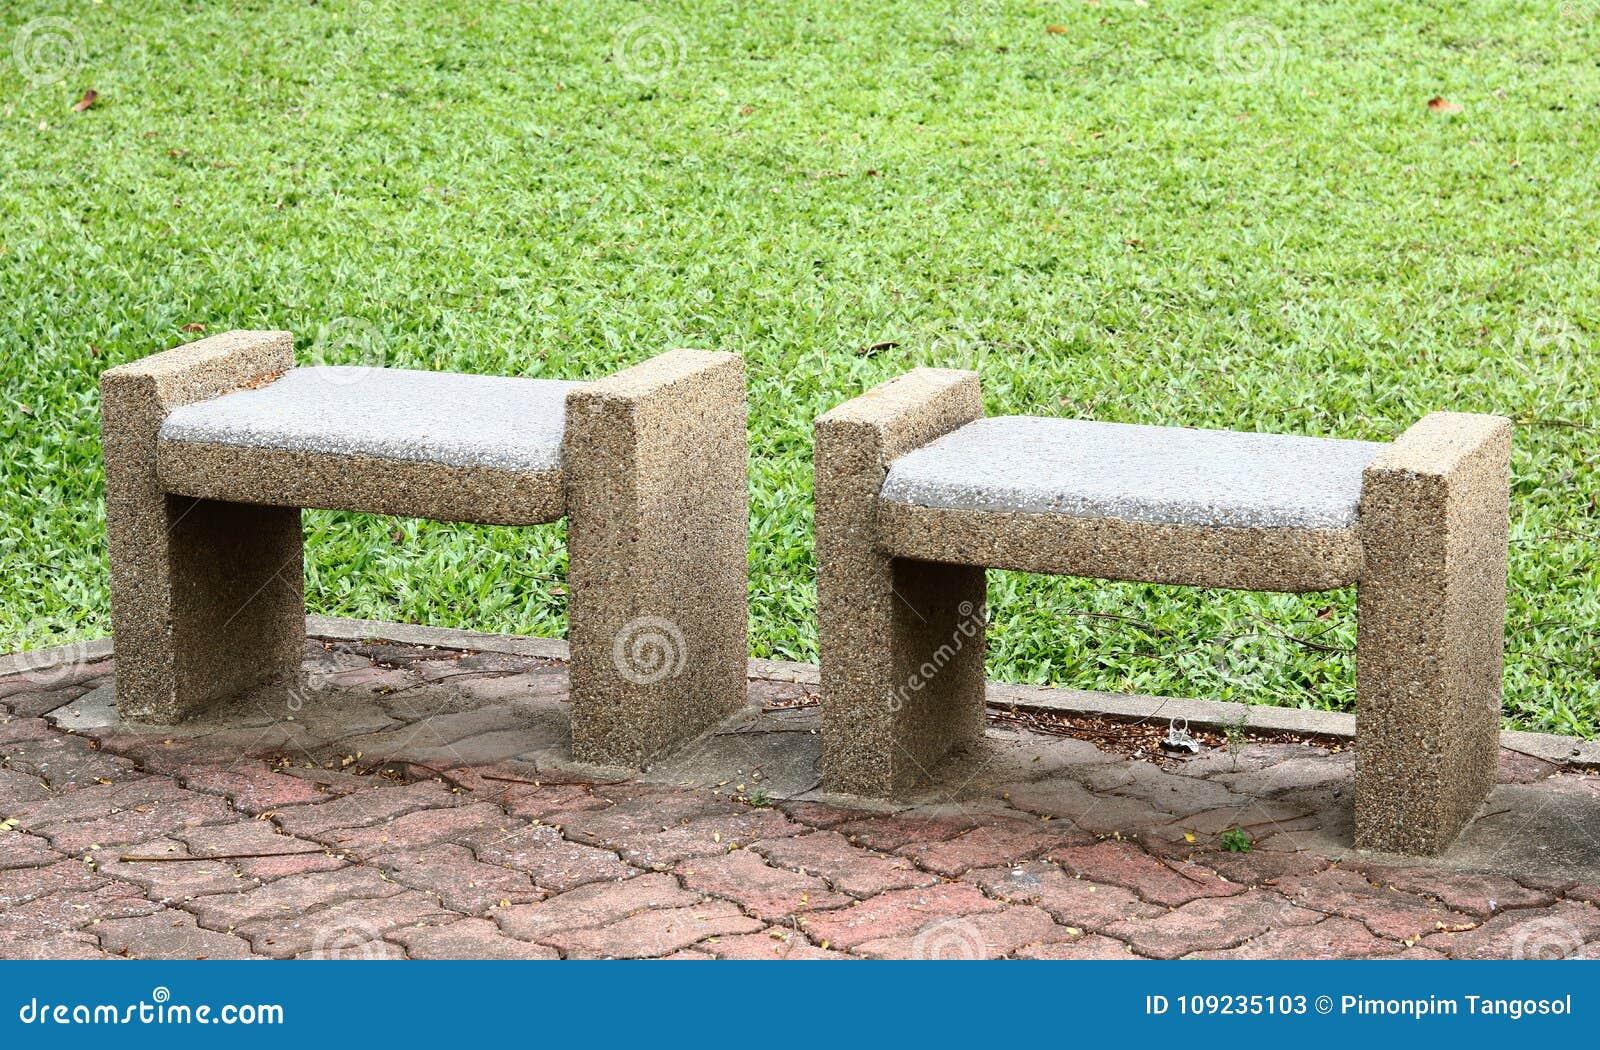 Sedili Di Banchi Di Pietra Immagine Stock Immagine Di Barriere